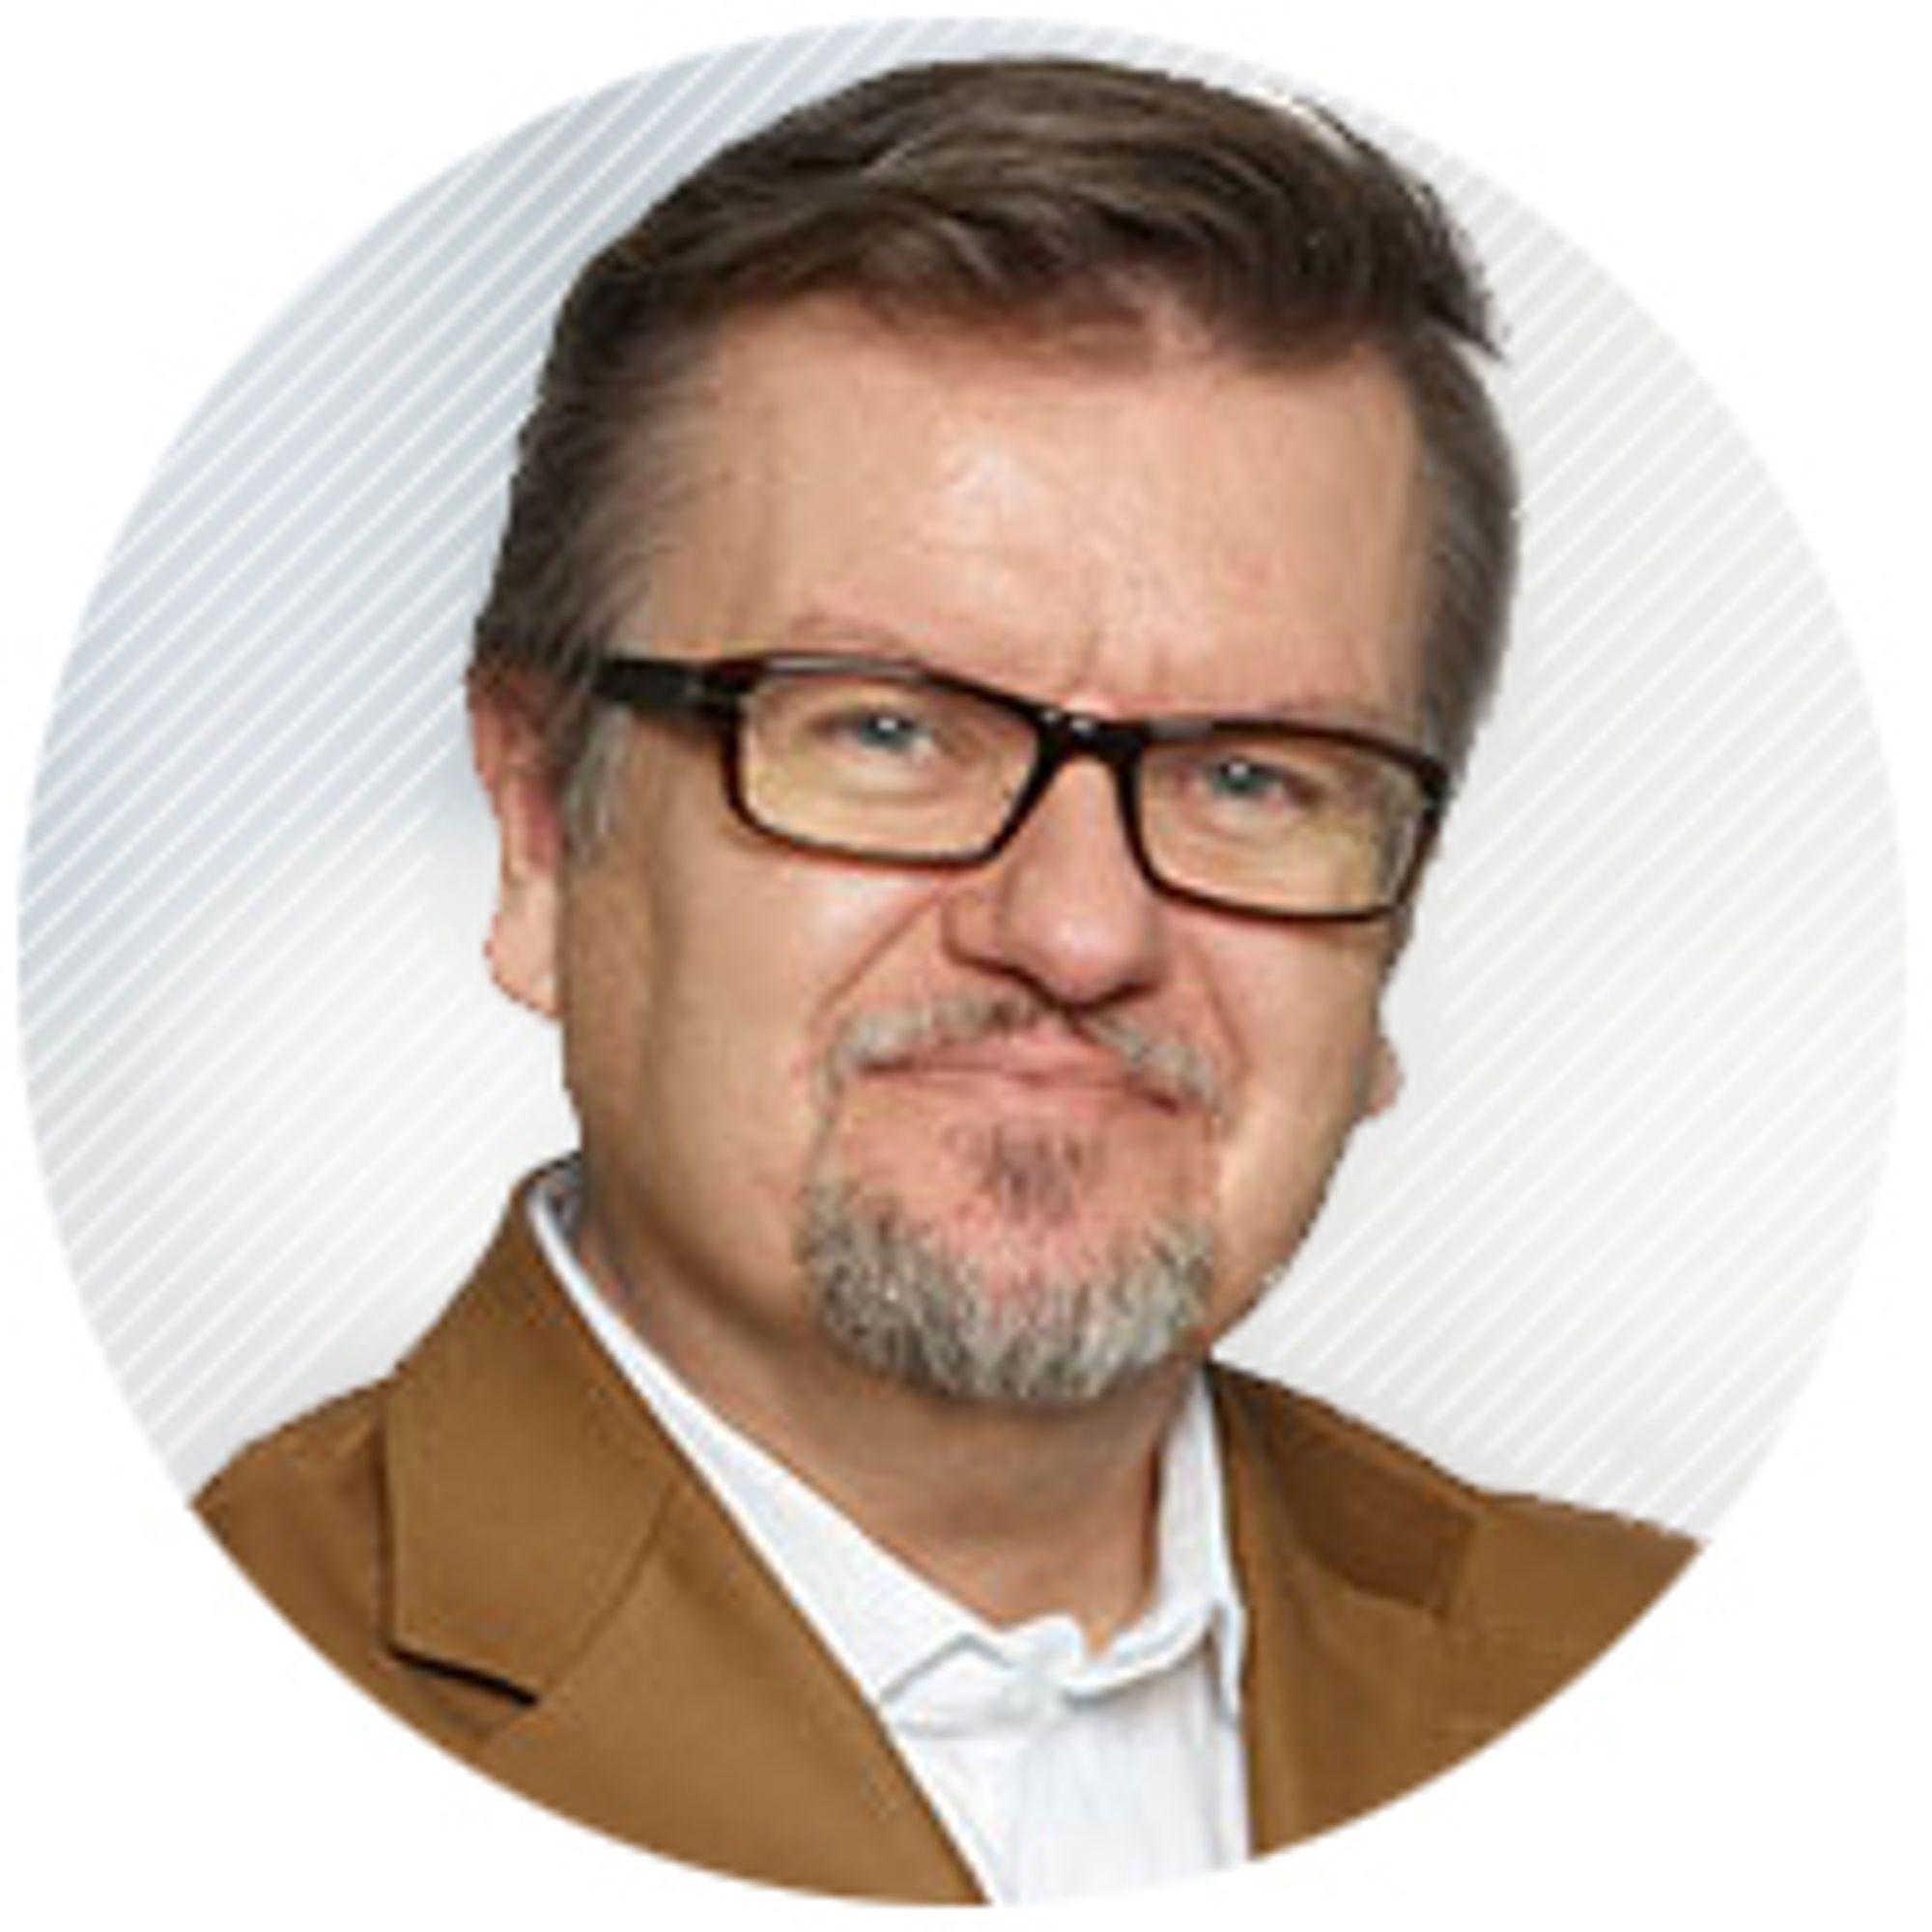 Jostein Dalland